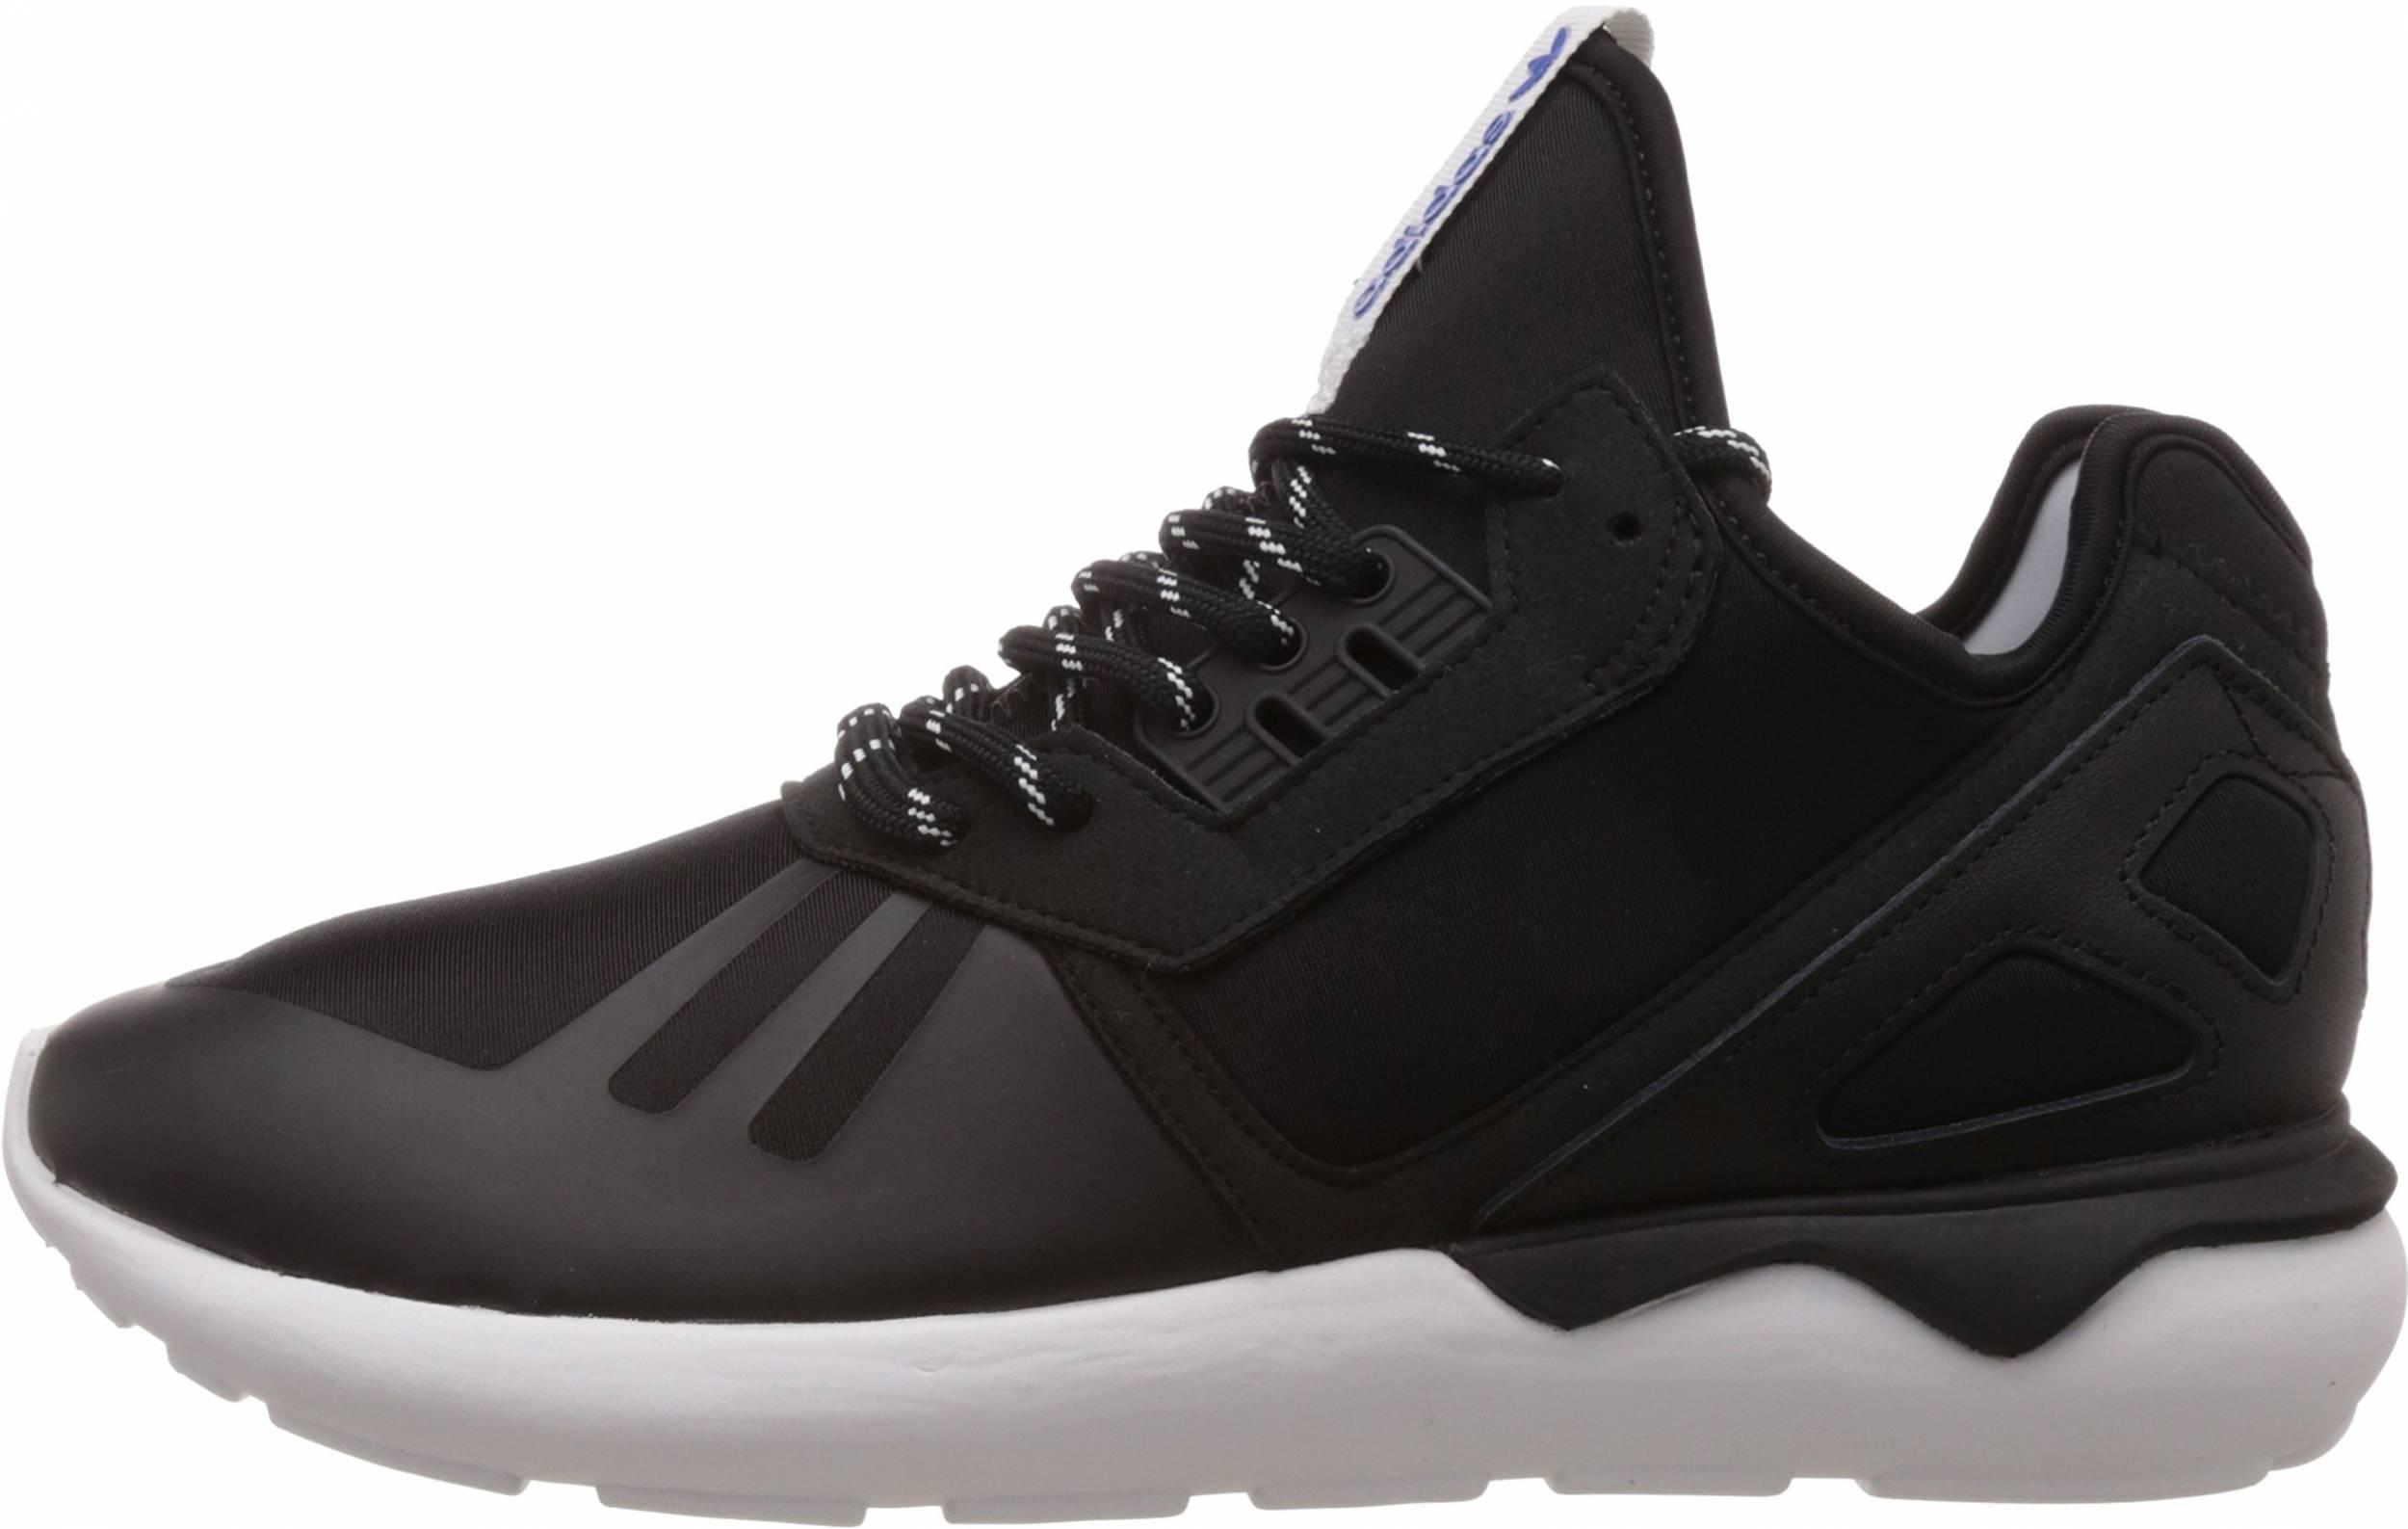 Save 69% on Adidas Tubular Sneakers (8